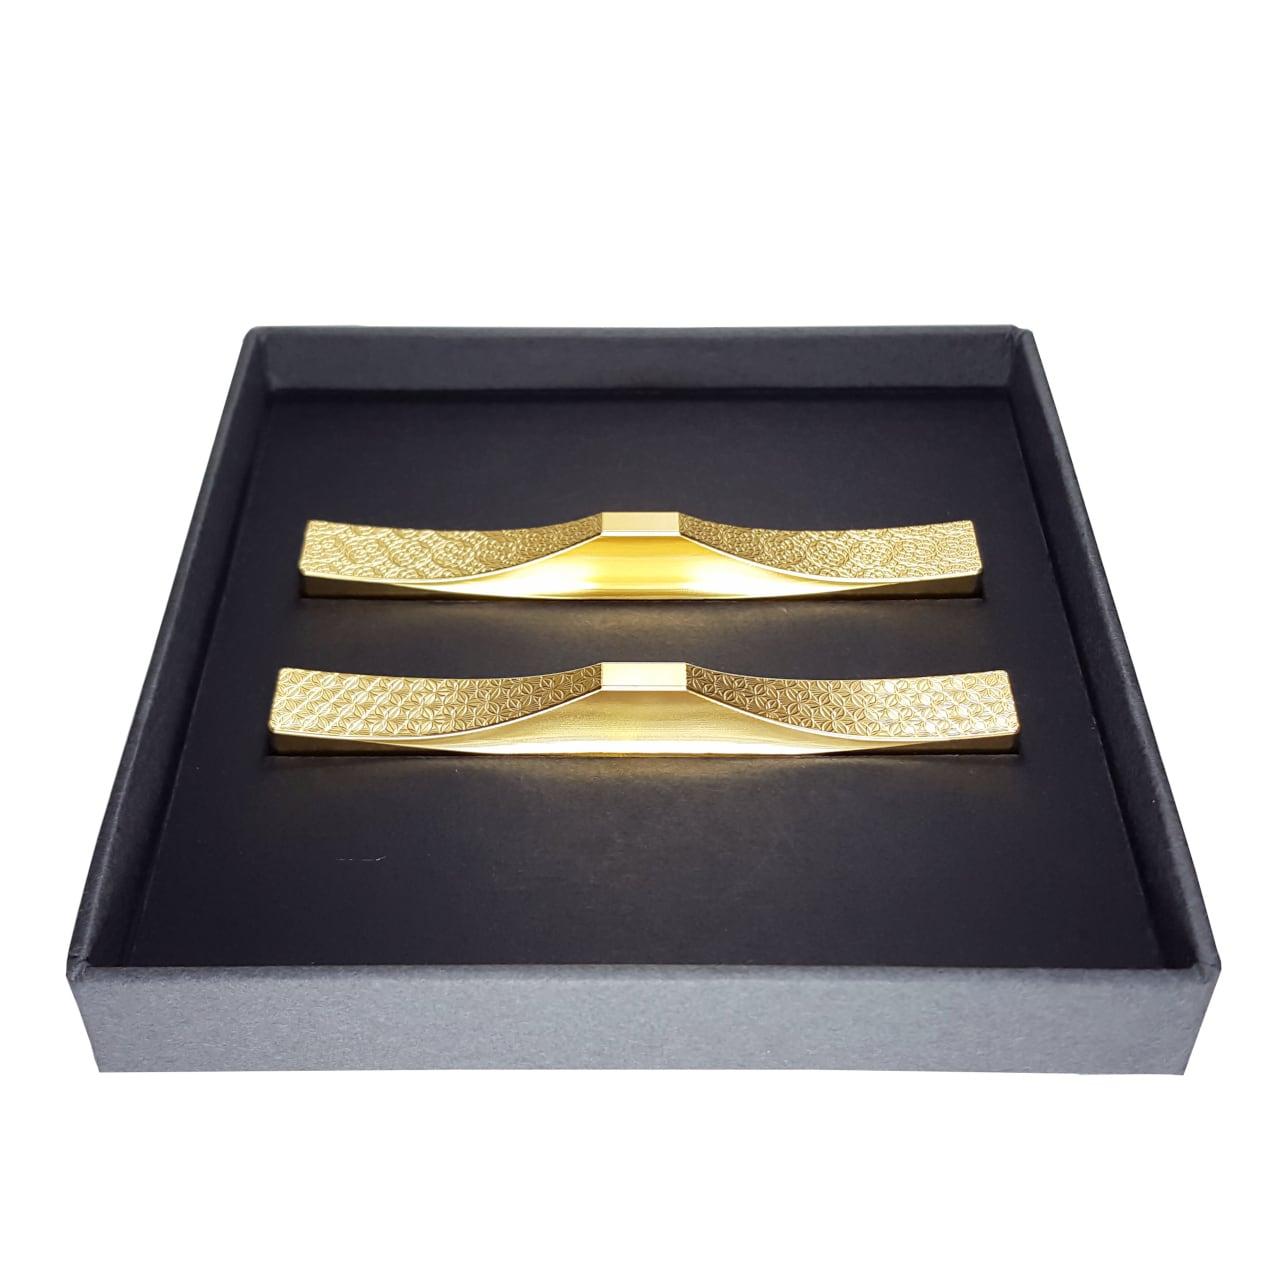 カトラリーレスト(芍薬・ツツジ)2個セットA/ステンレス(金メッキ) 縁起のいい世界遺産・富士山をモチーフにした箸置き・フォークレスト・ナイフレスト・スプーンレスト